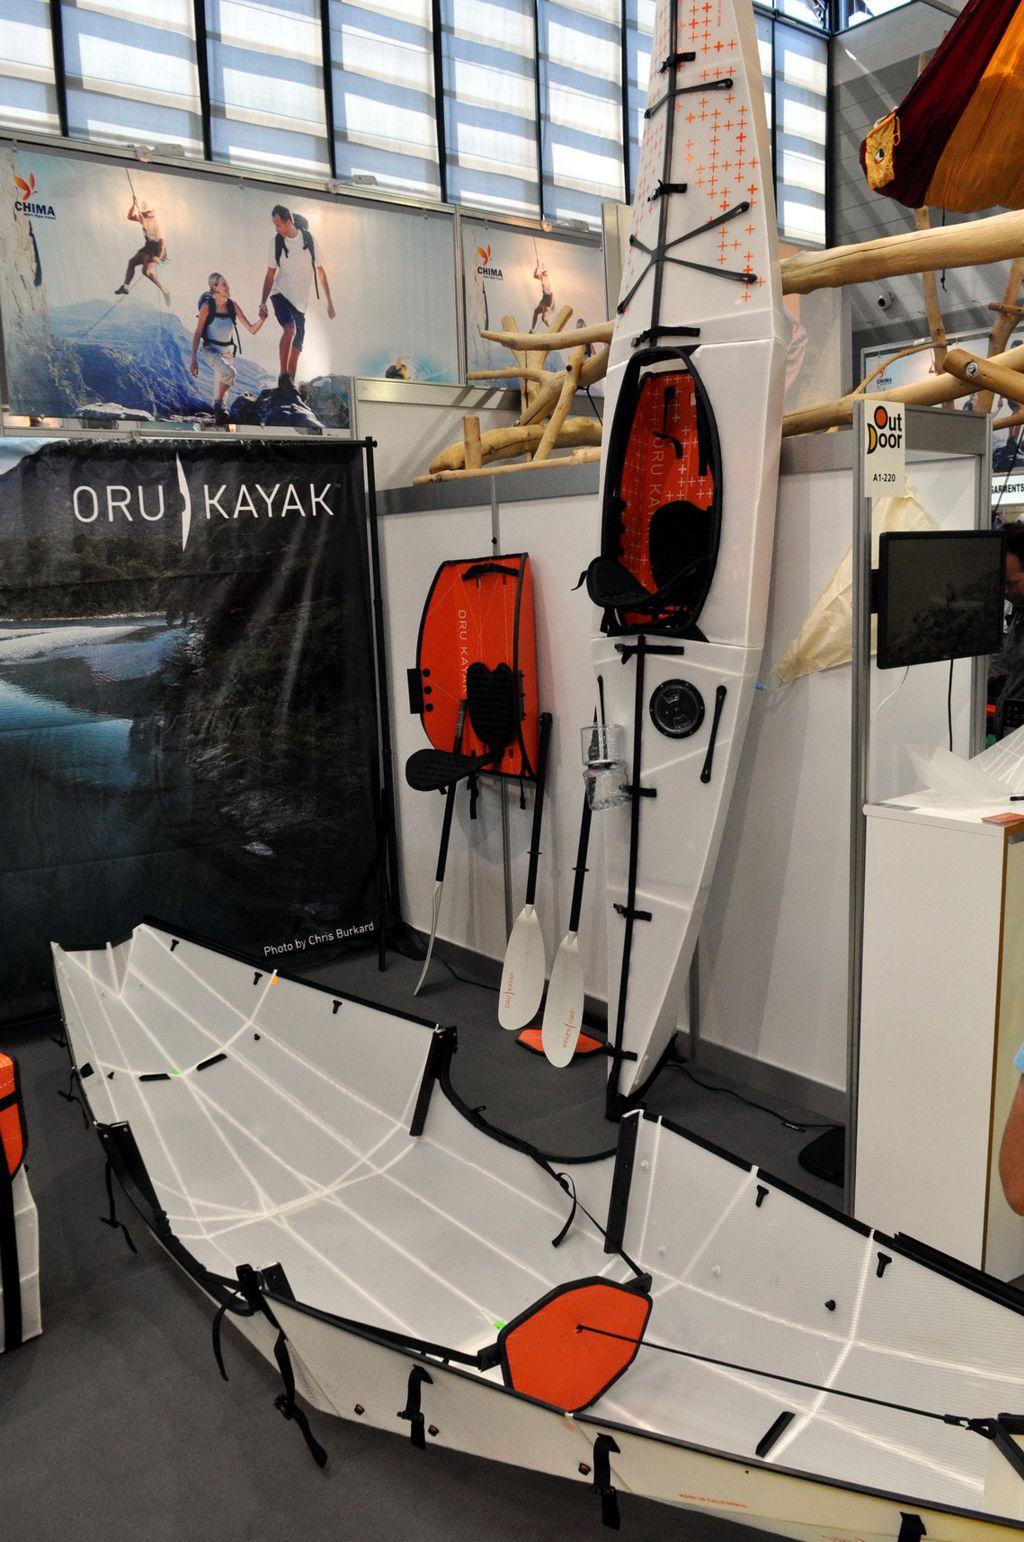 Hajtogass magadnak kajakot – Oru Kayak Forrás: Paraferee - Mozgásvilág.hu